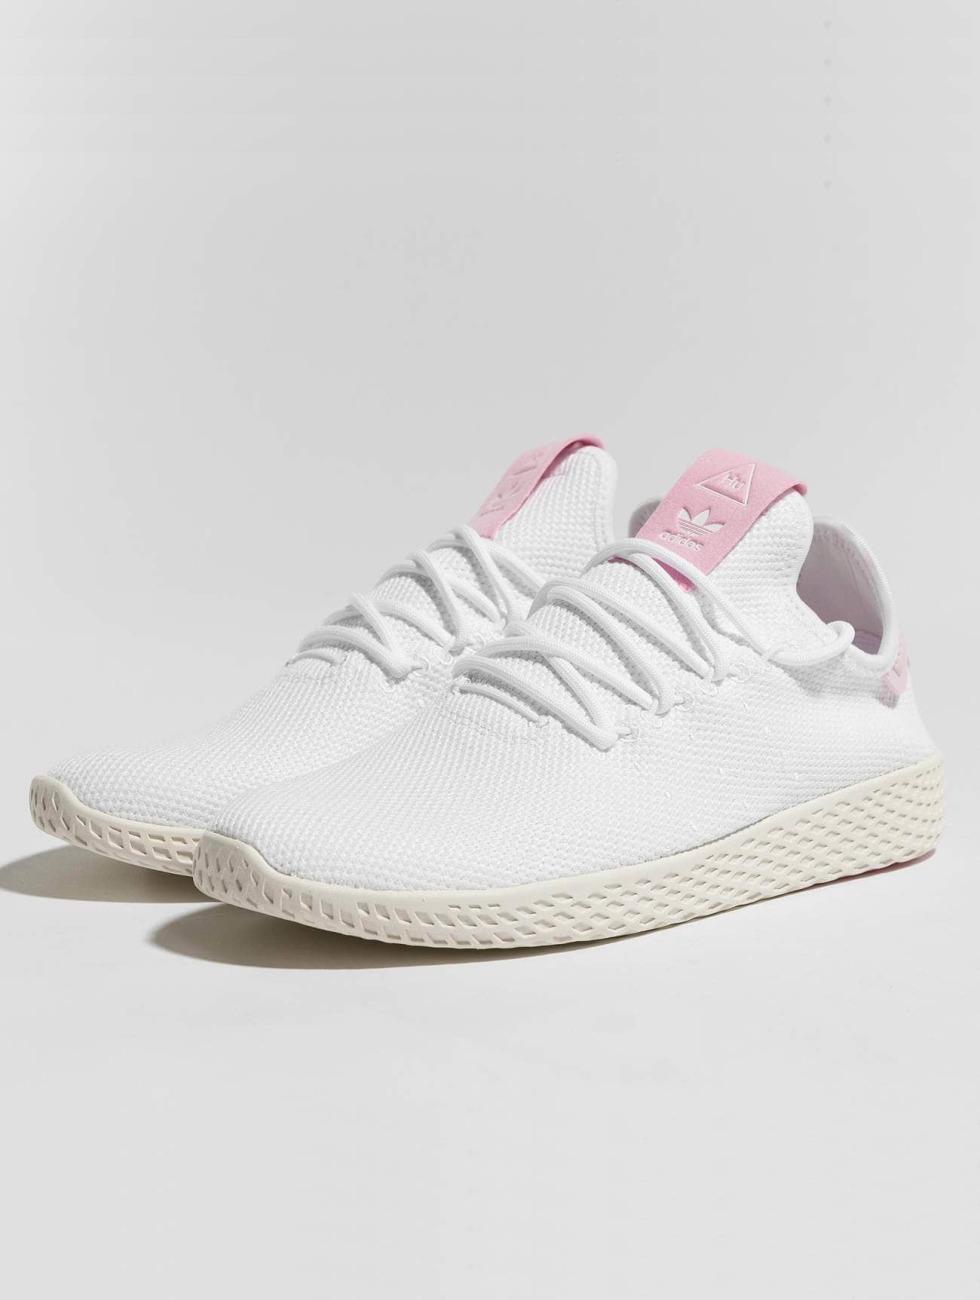 De Goedkoopste adidas originals schoen / sneaker Pw Tennis Hu in wit 437324 Populaire Online Te Koop Betrouwbaar Online Kopen Goedkope Grote Verrassing Cr5P8b63